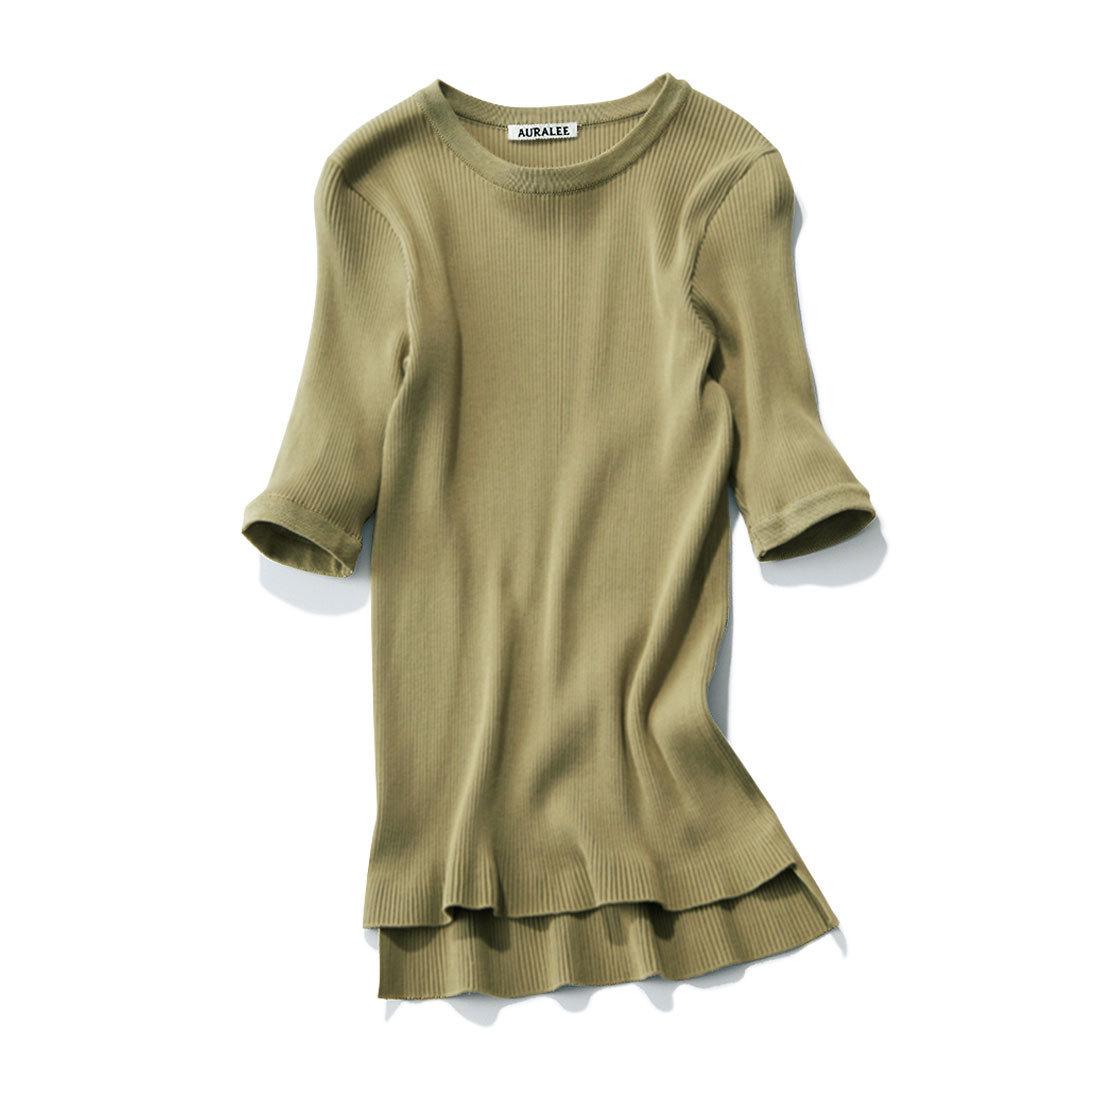 Tシャツ¥20,000/オーラリー